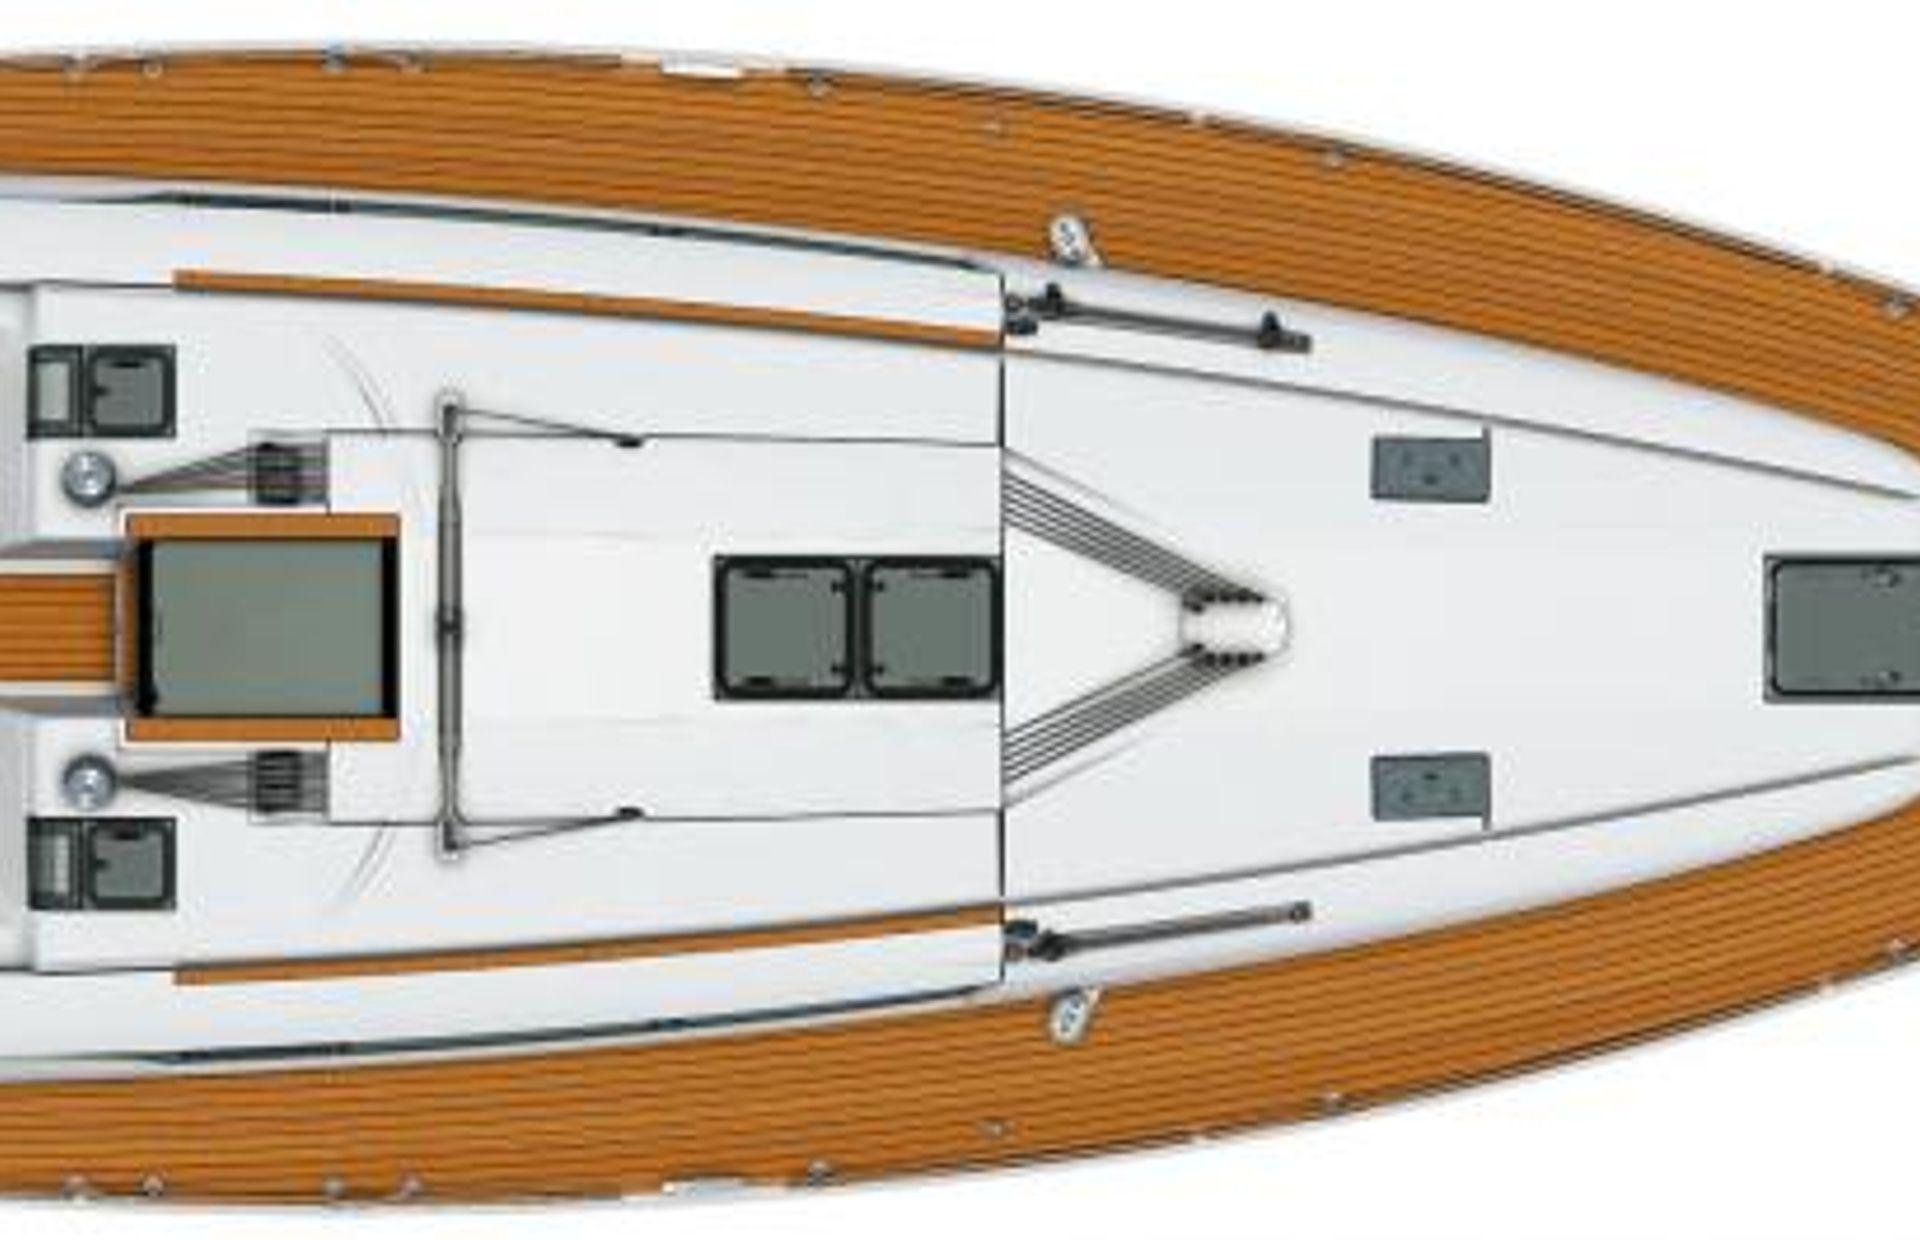 https://media.insailing.com/boat/sun-odissey-449/image_1581356337621.jpg